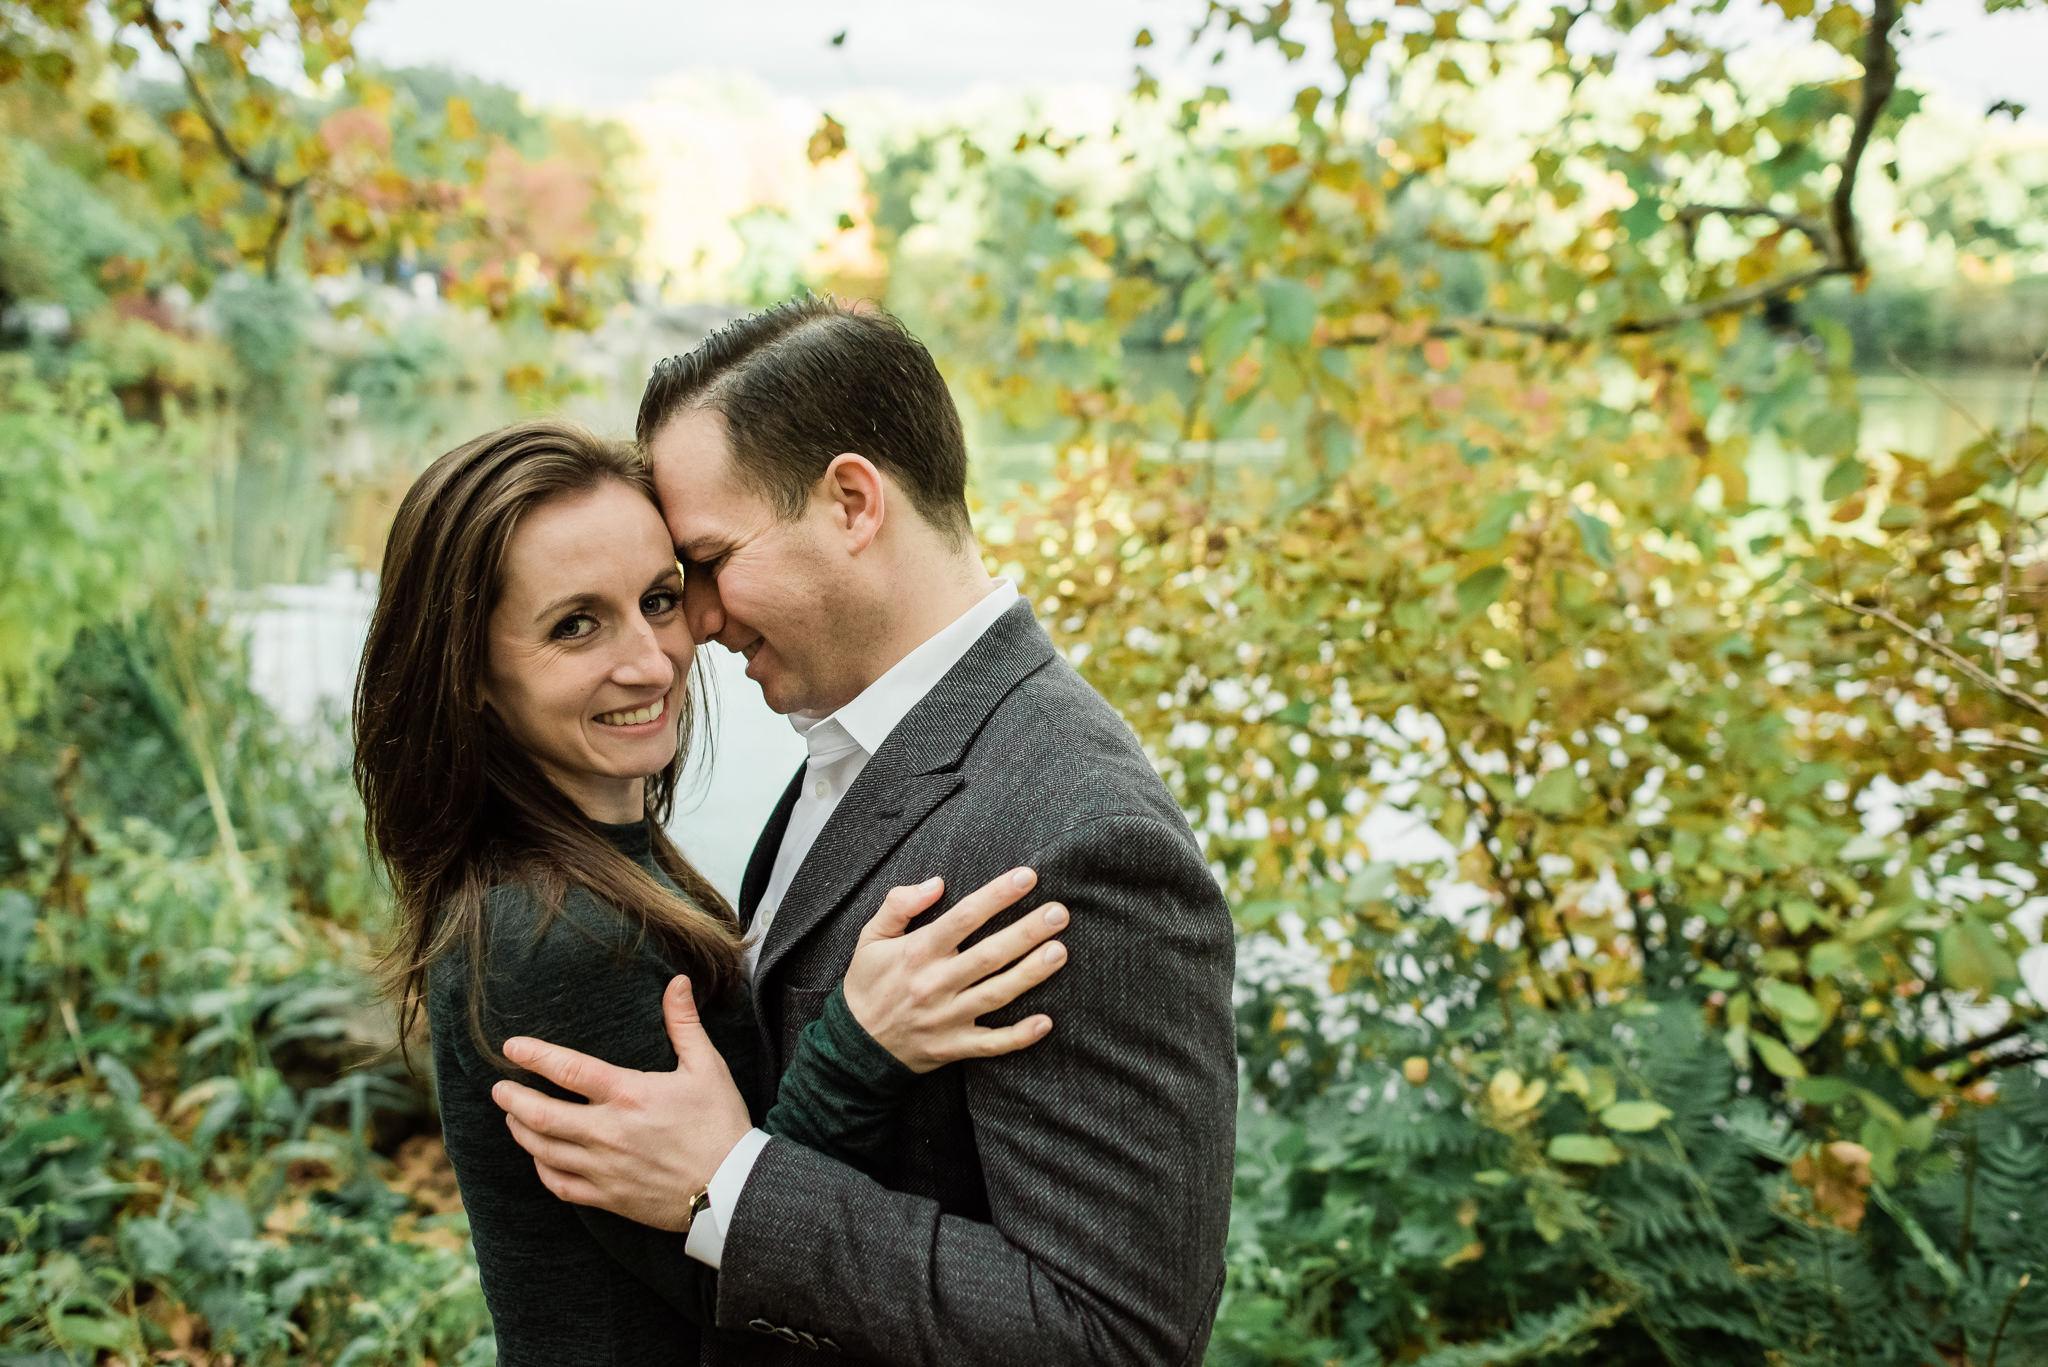 NEW_JERSEY_WEDDING_PHOTOGRAPHER_ARMZ_Z75_1584.jpg